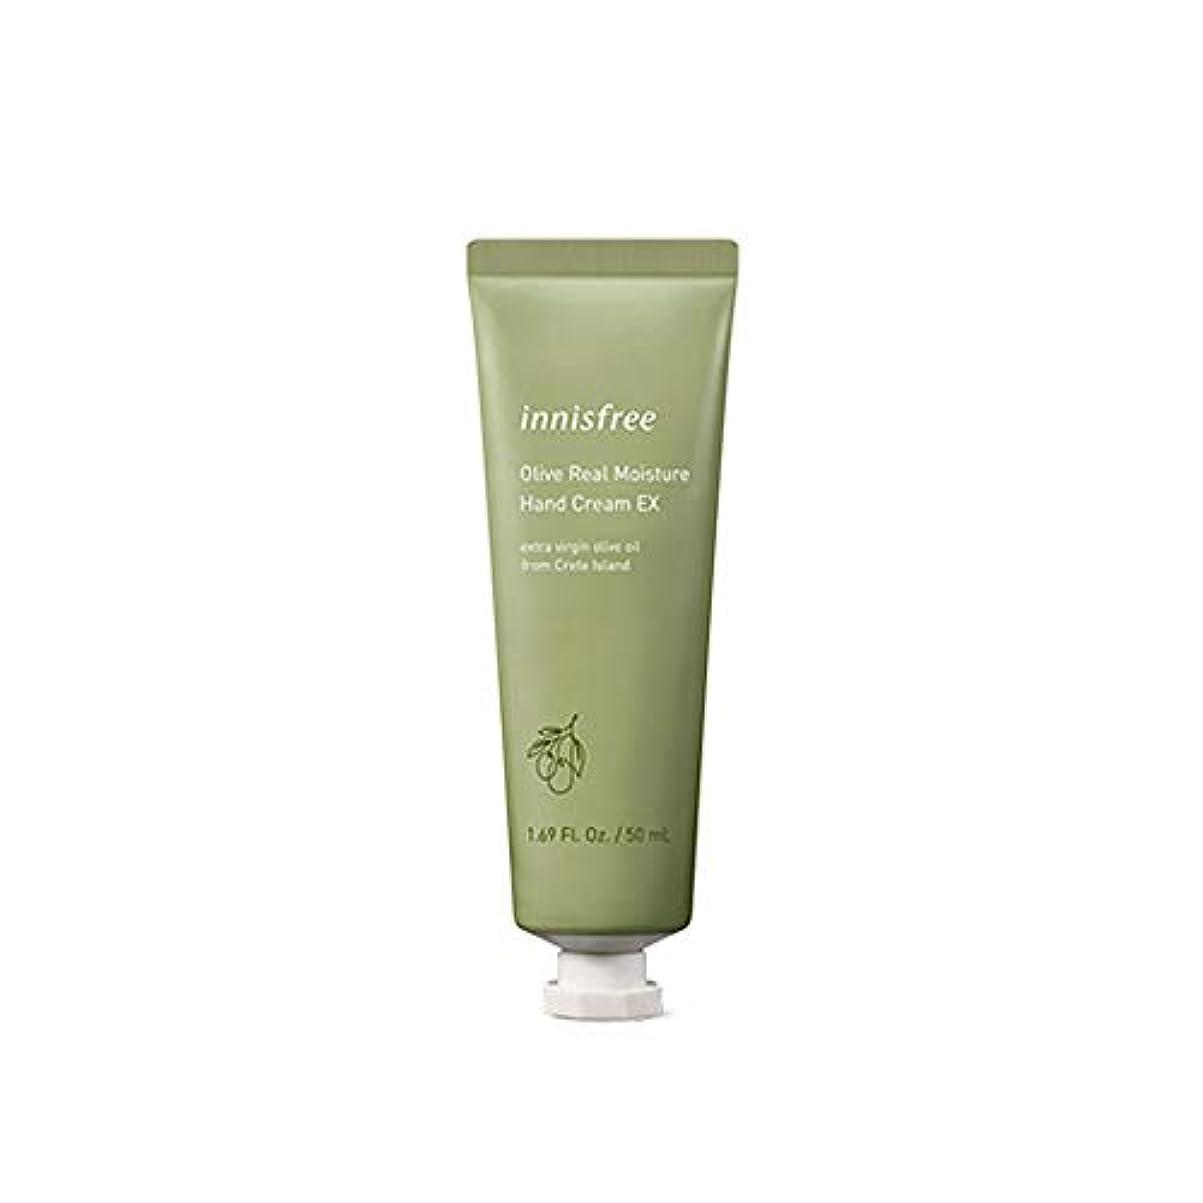 ハード抹消マーティフィールディングイニスフリー Innisfree オリーブリアル モイスチャー ハンドクリーム(50ml) Innisfree Olive Real Moisture Hand Cream (50ml) [海外直送品]